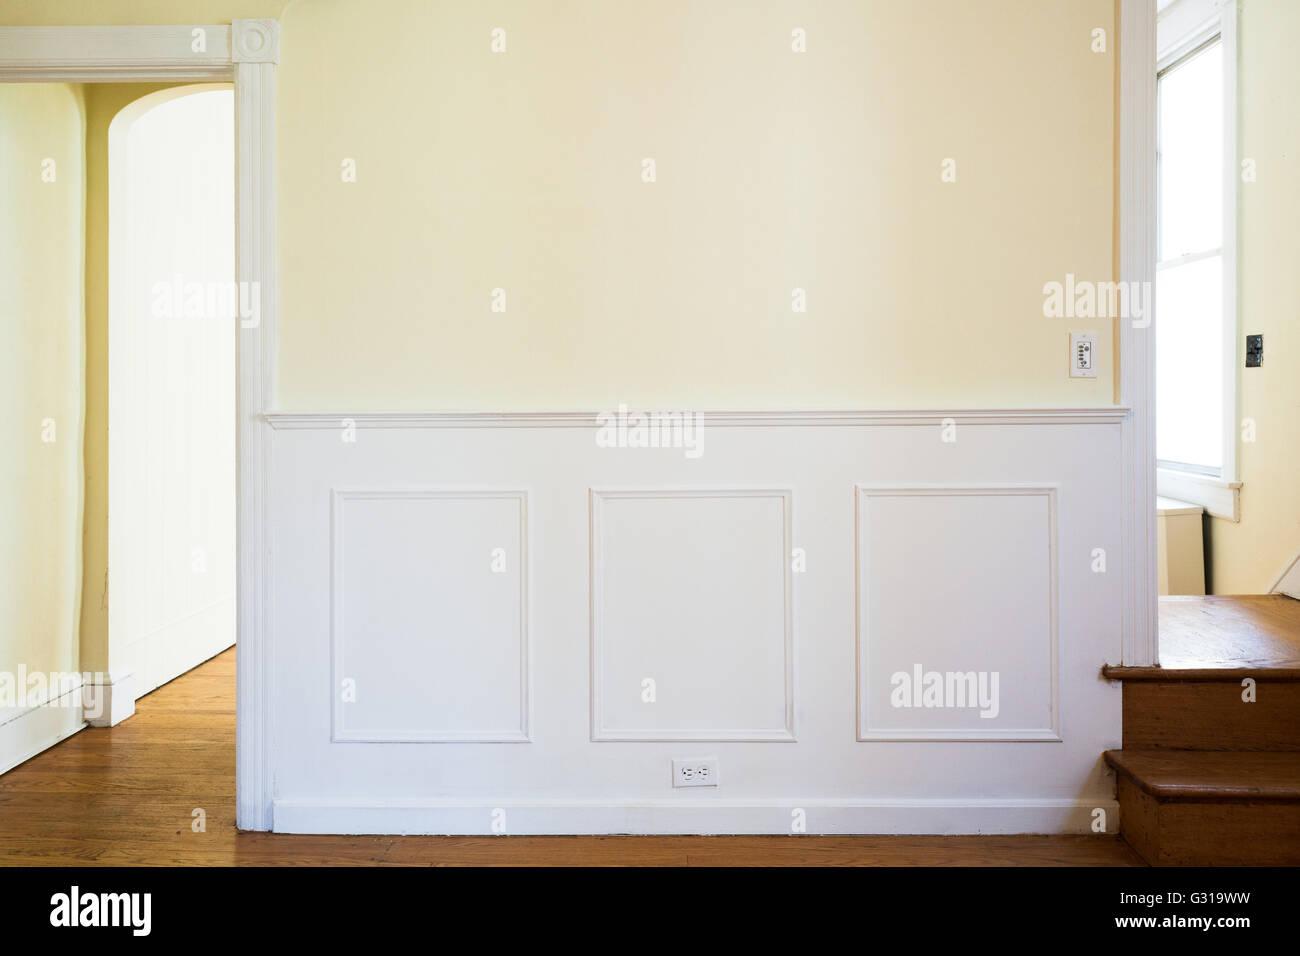 Eine Wand Mit Traditionellen Getäfelten Vertäfelung Und Tür Formteil